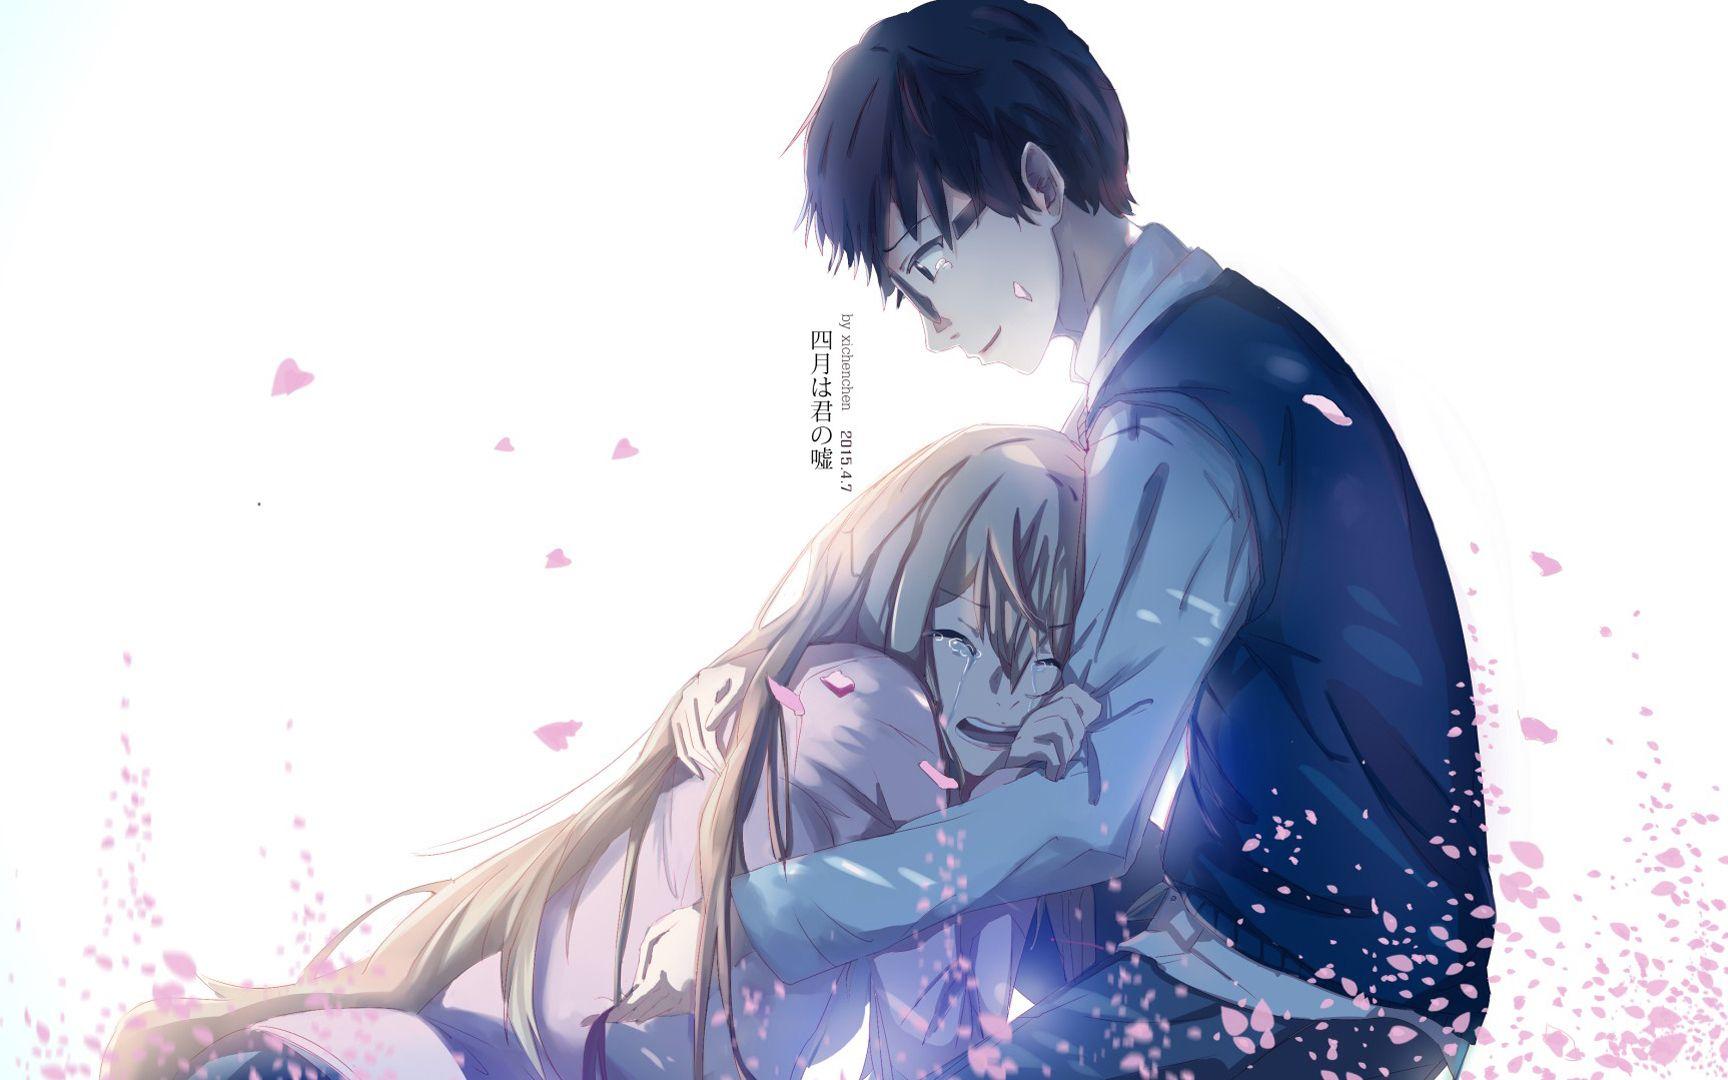 Khung cảnh hoa anh đào đẹp đến nao lòng trong anime